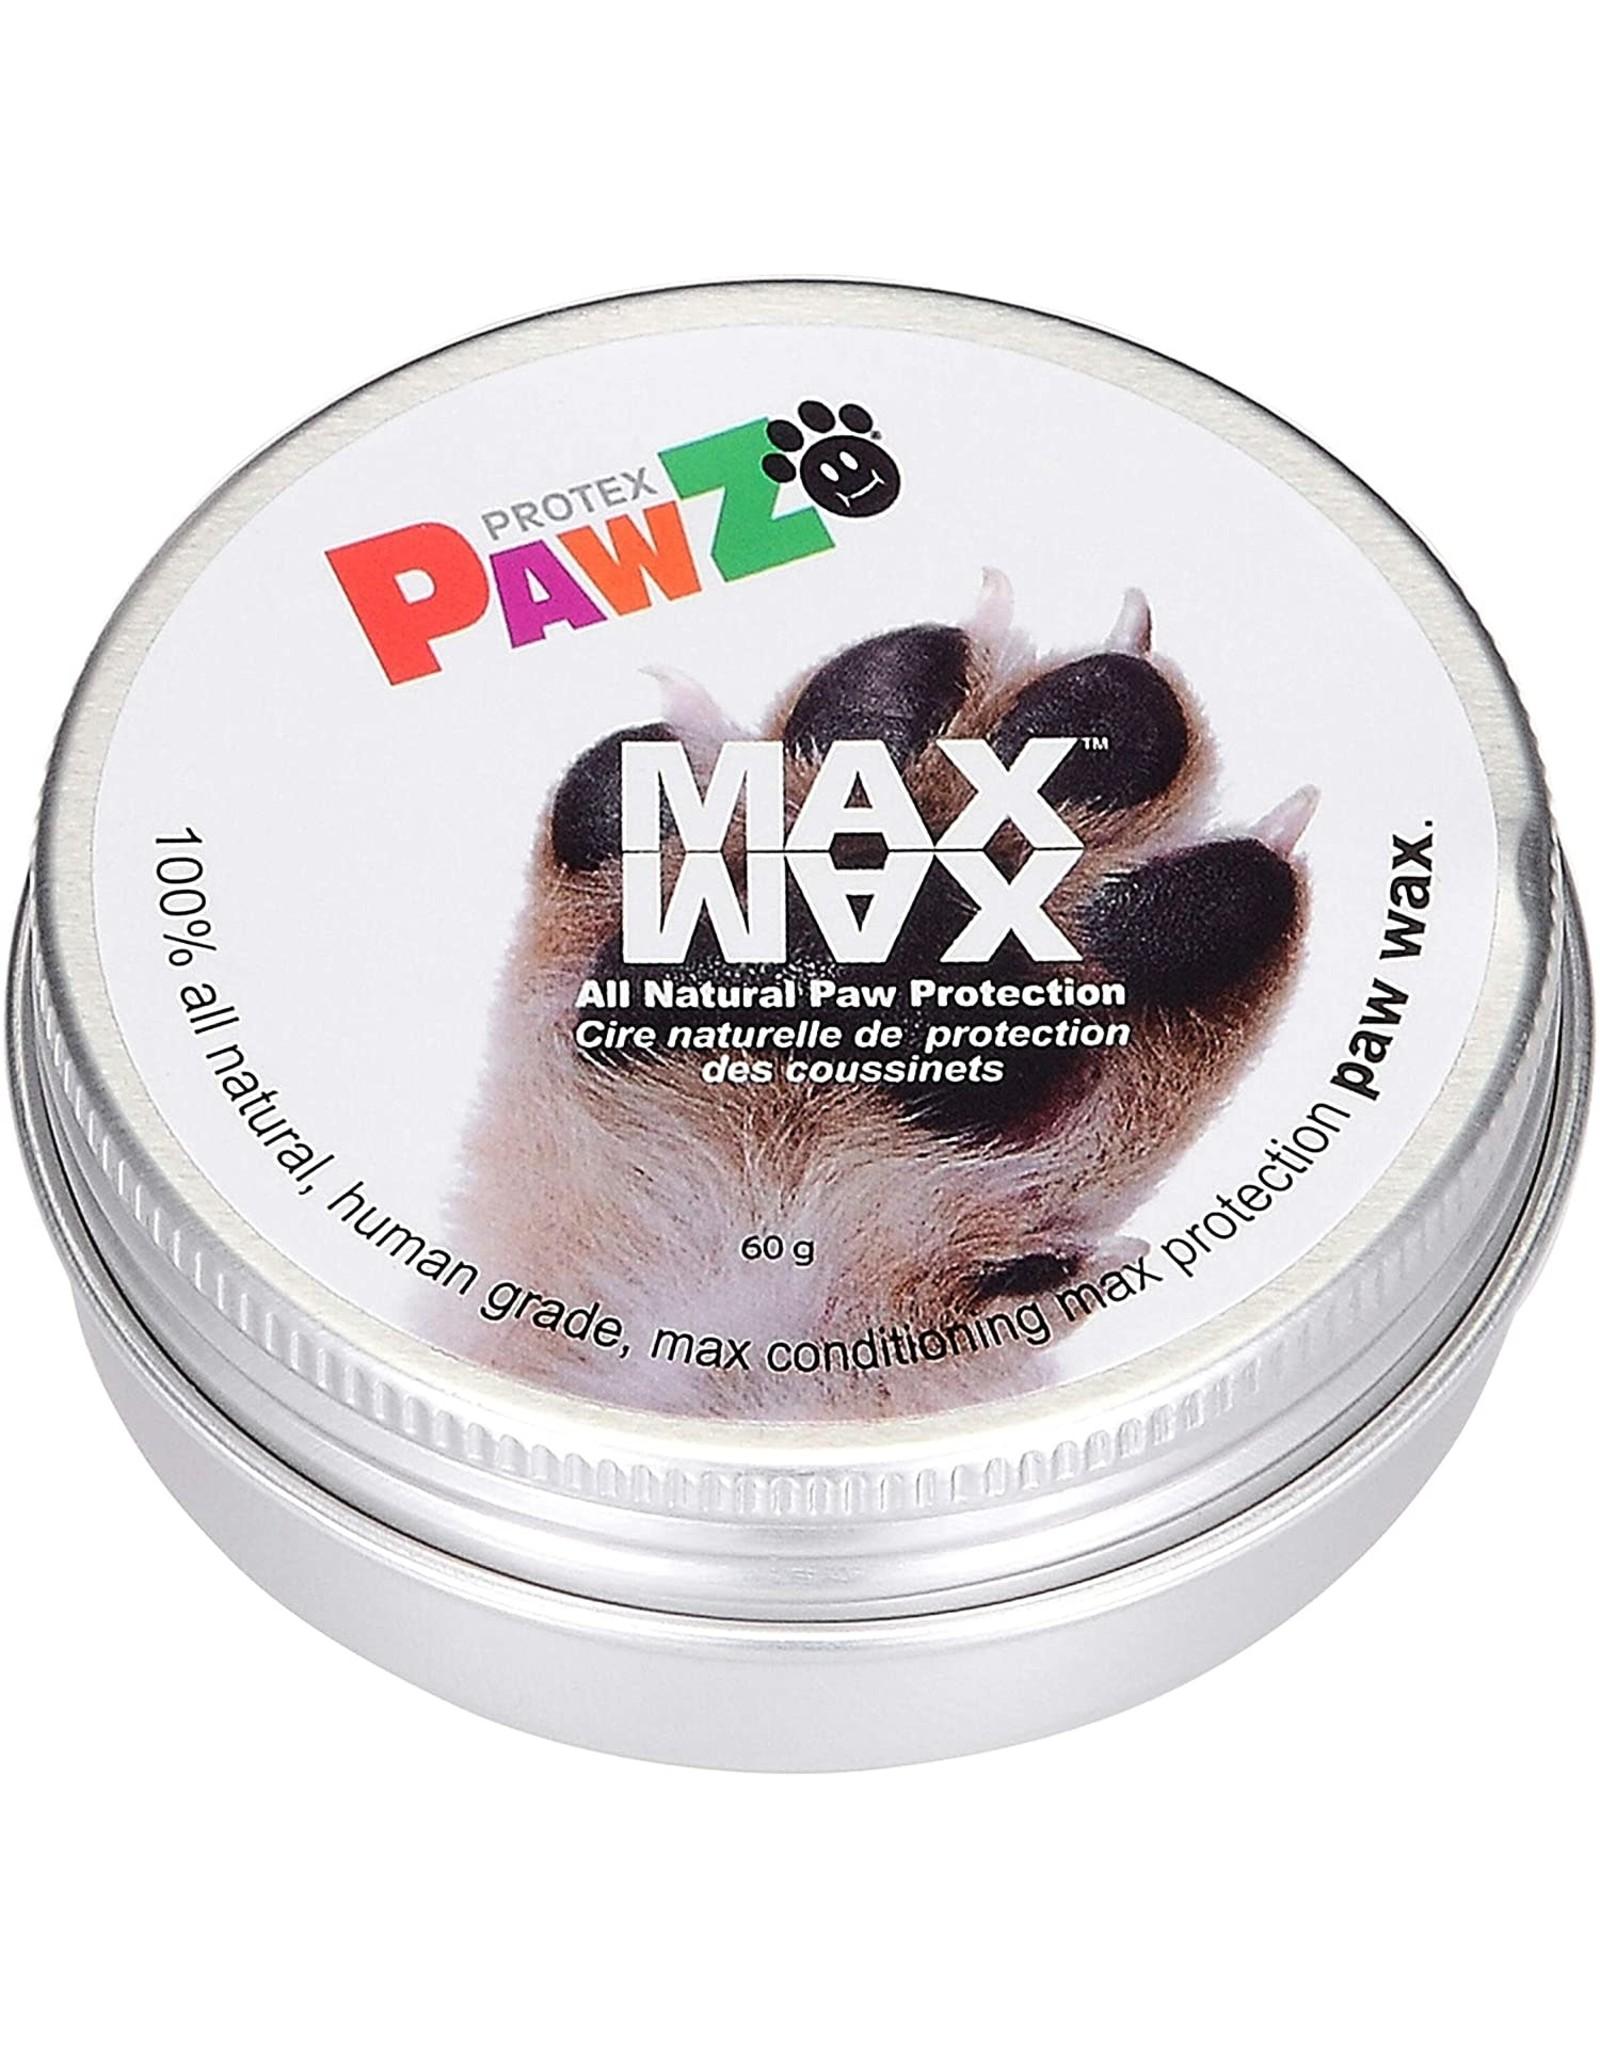 PAWZ Max Wax paw wax 60g